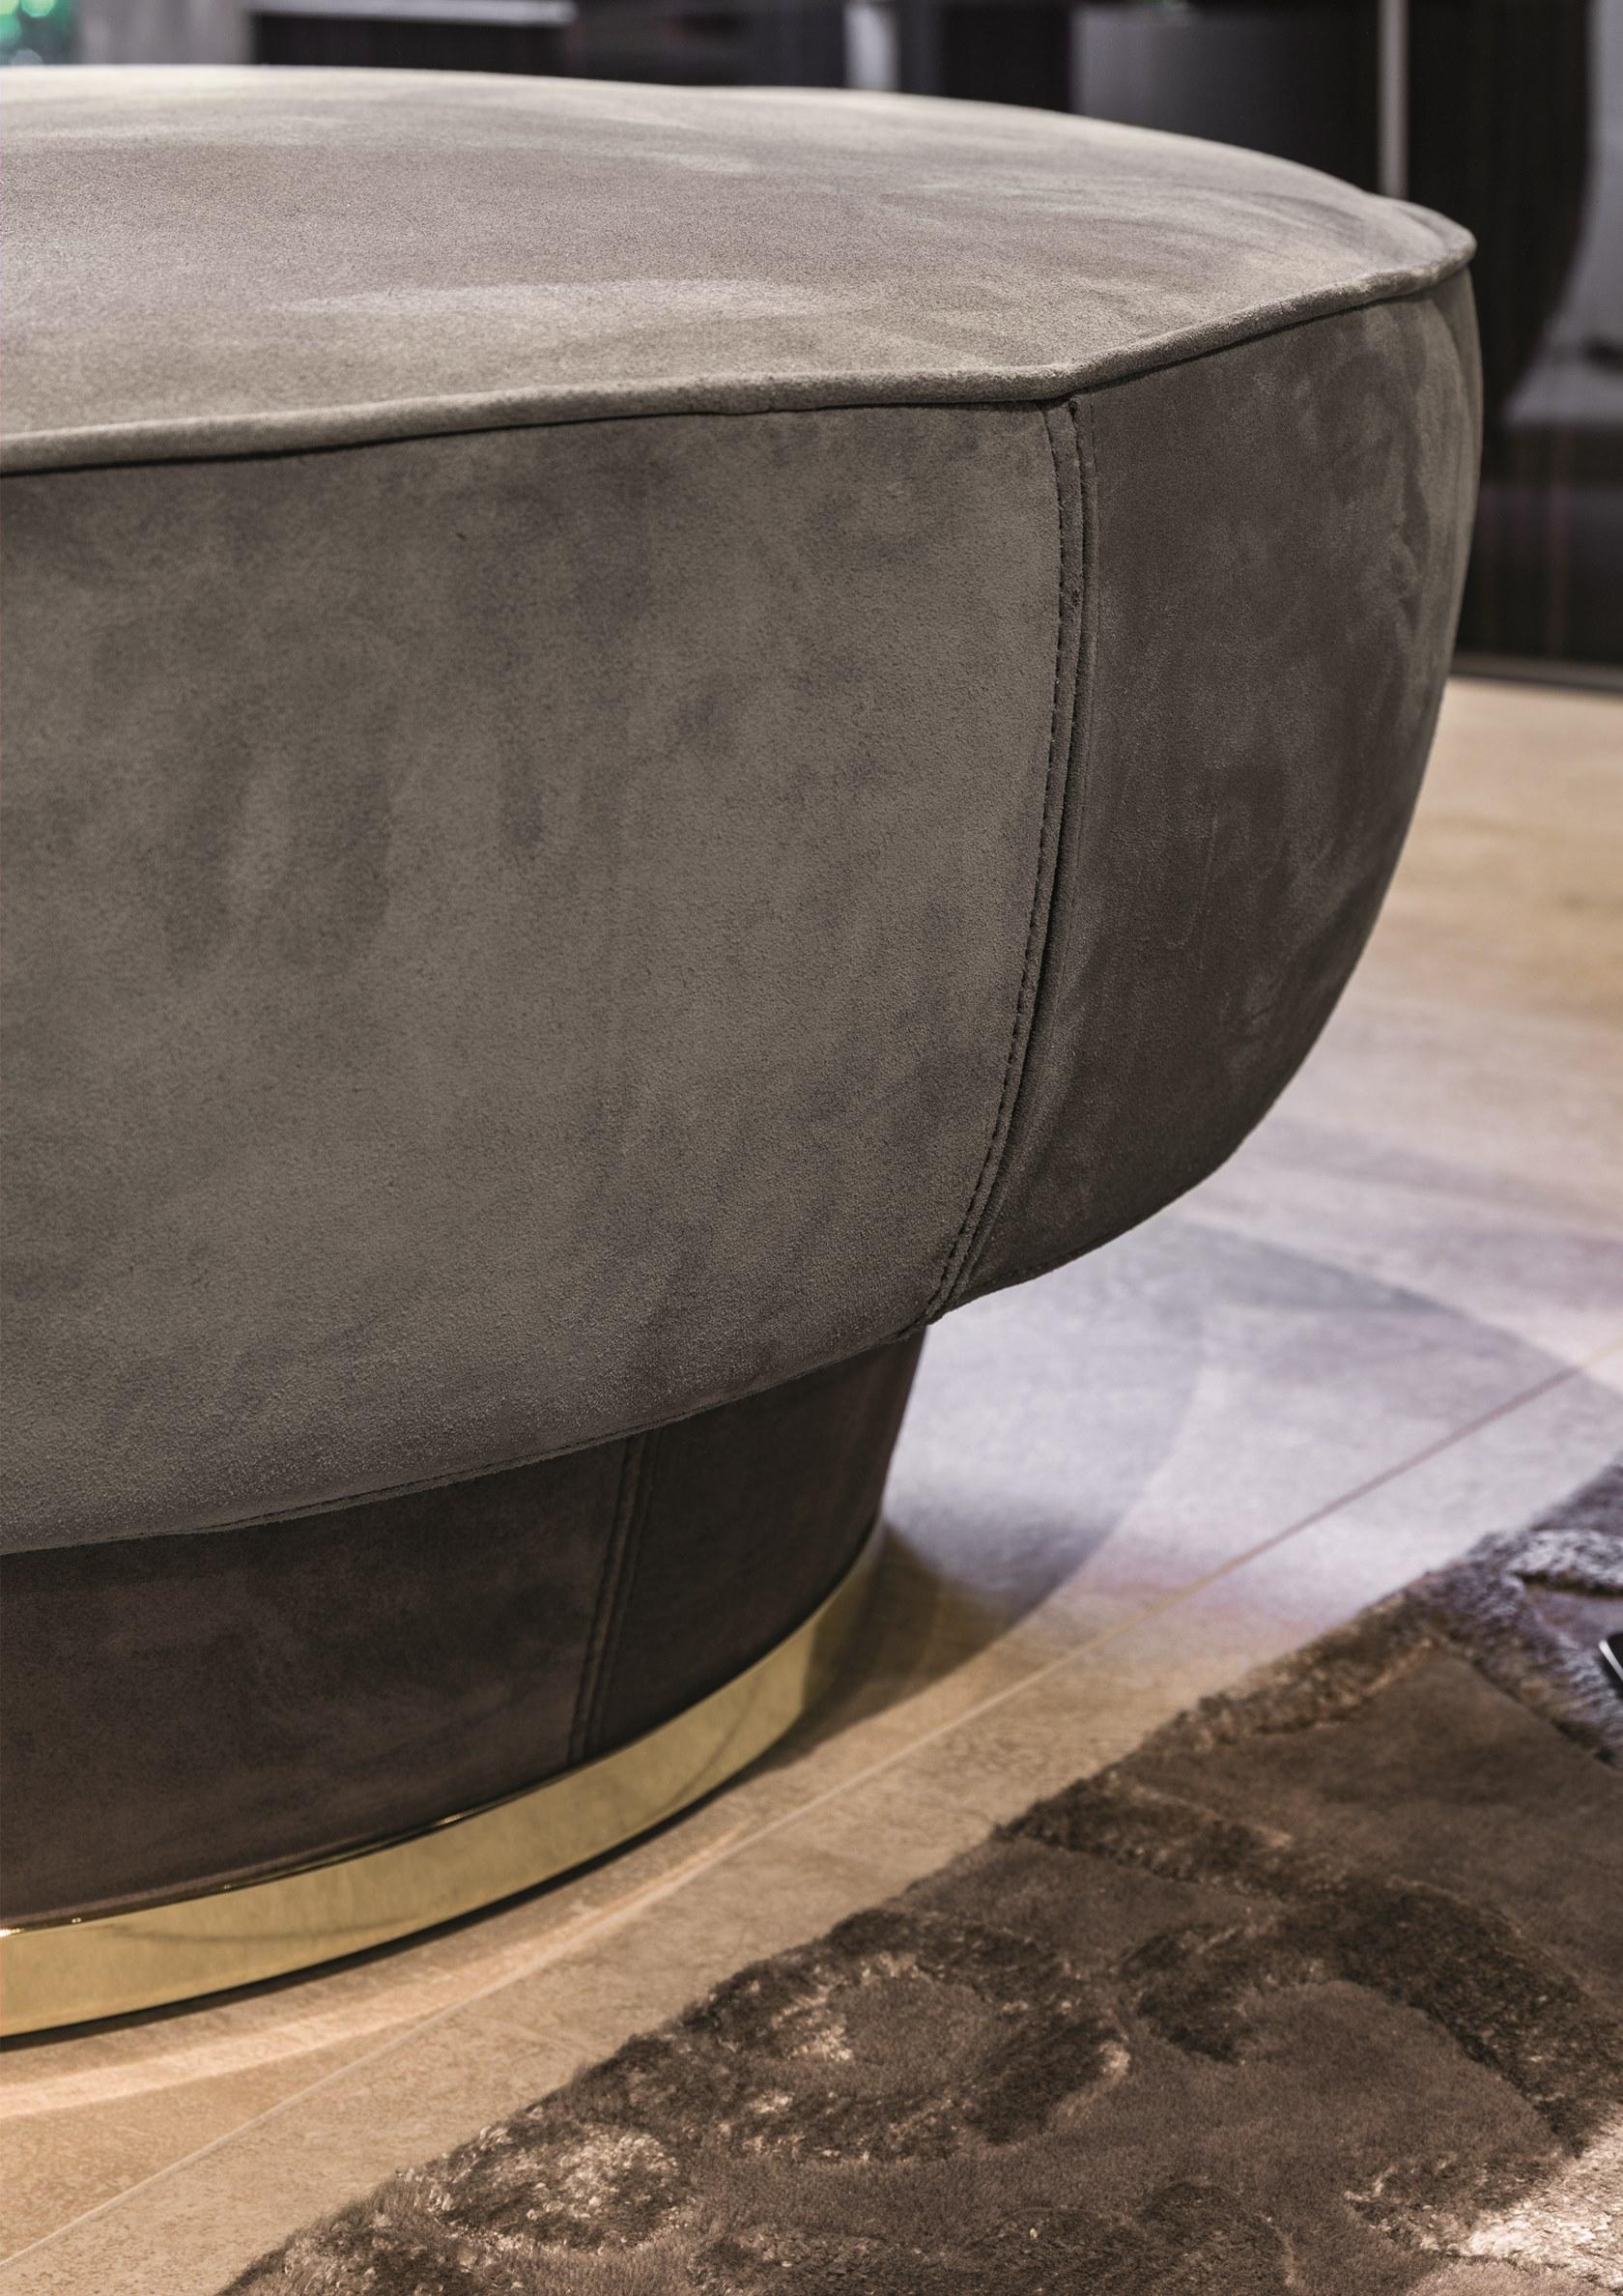 意大利Longhi 2019年新品Giuseppe Vigano  座垫凳茶几 两用家具不锈钢包边脚 圆形碗椅